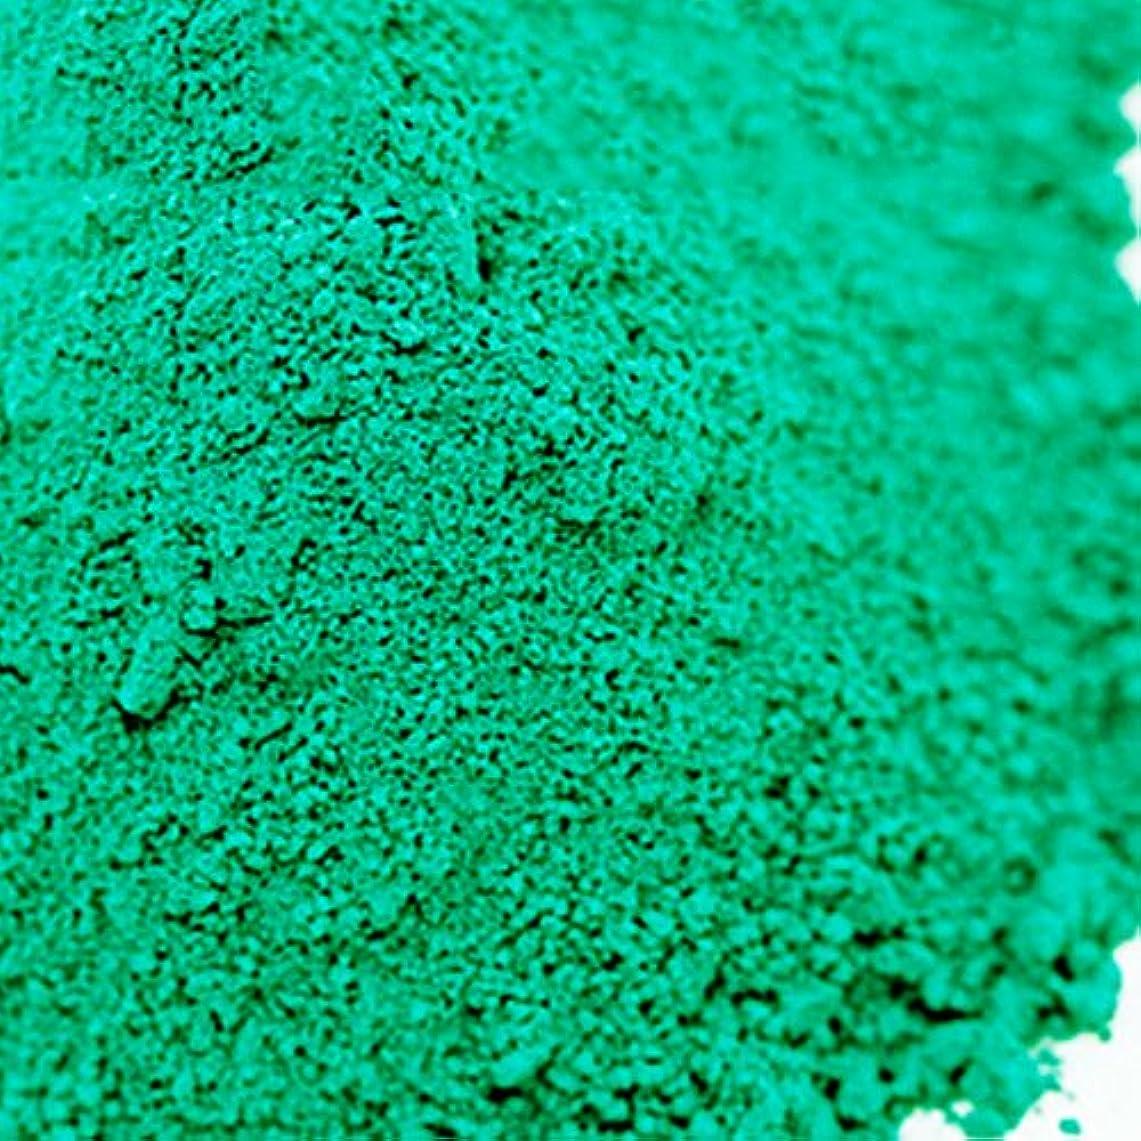 負担ライフル終点水酸化クロム グリーン 5g 【手作り石鹸/手作りコスメ/色付け/カラーラント/緑】